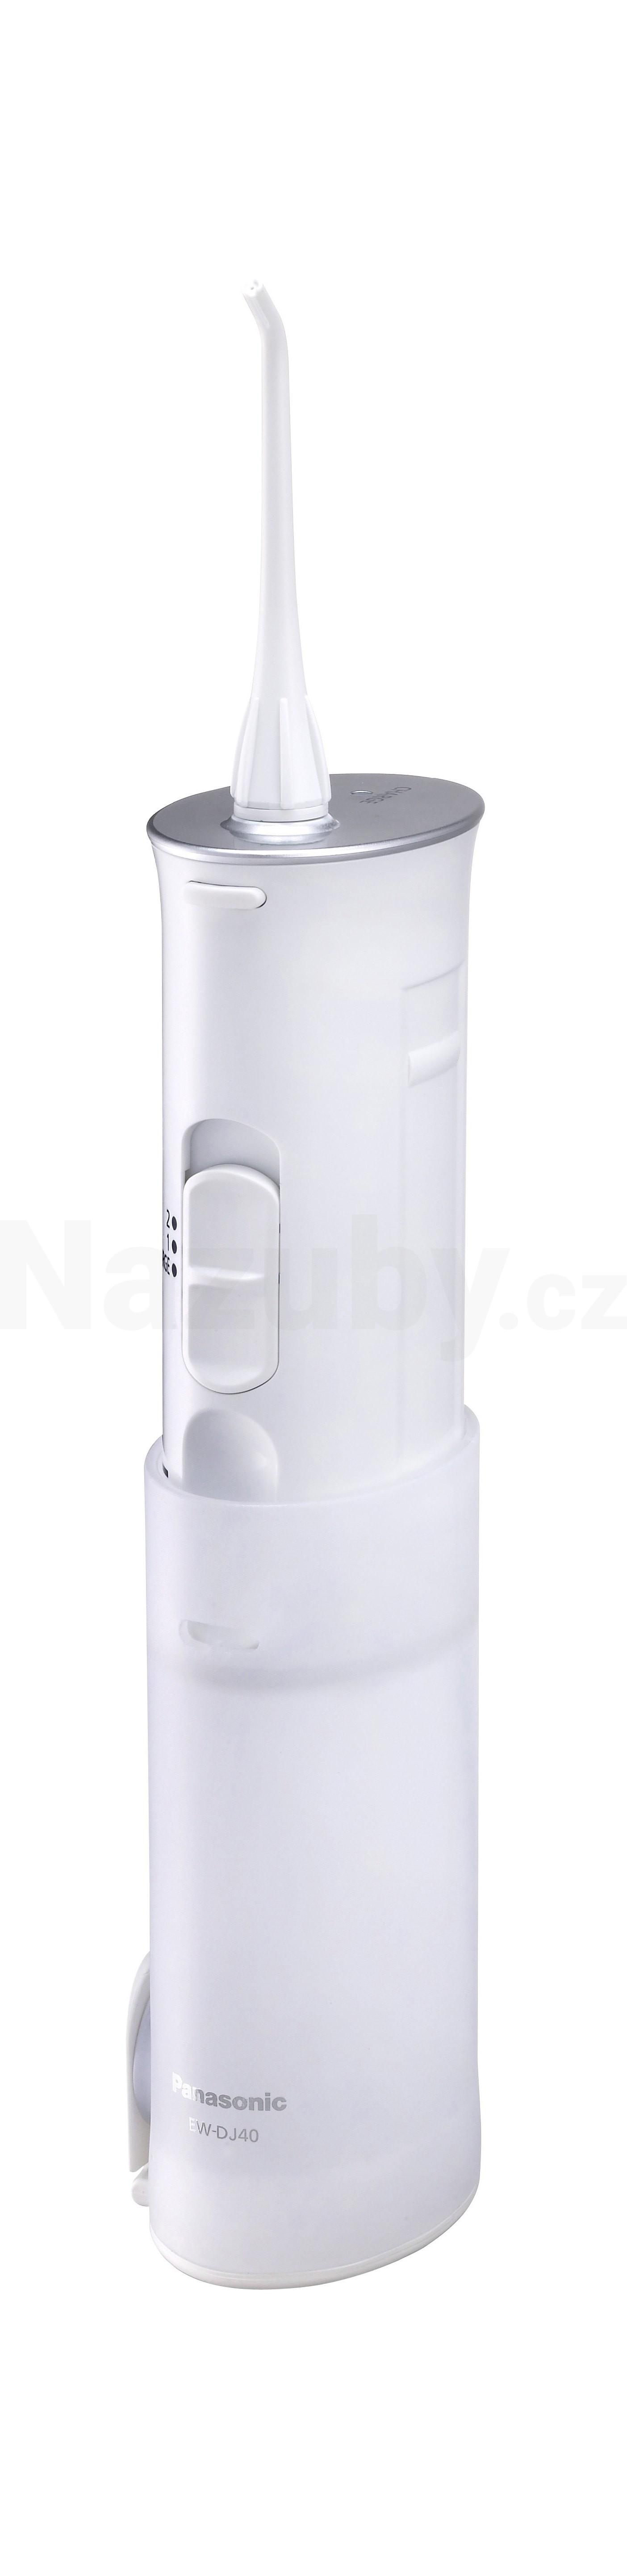 Panasonic EW-DJ40-W503 kompaktní ústní sprcha - ZÁNOVNÍ ZBOŽÍ